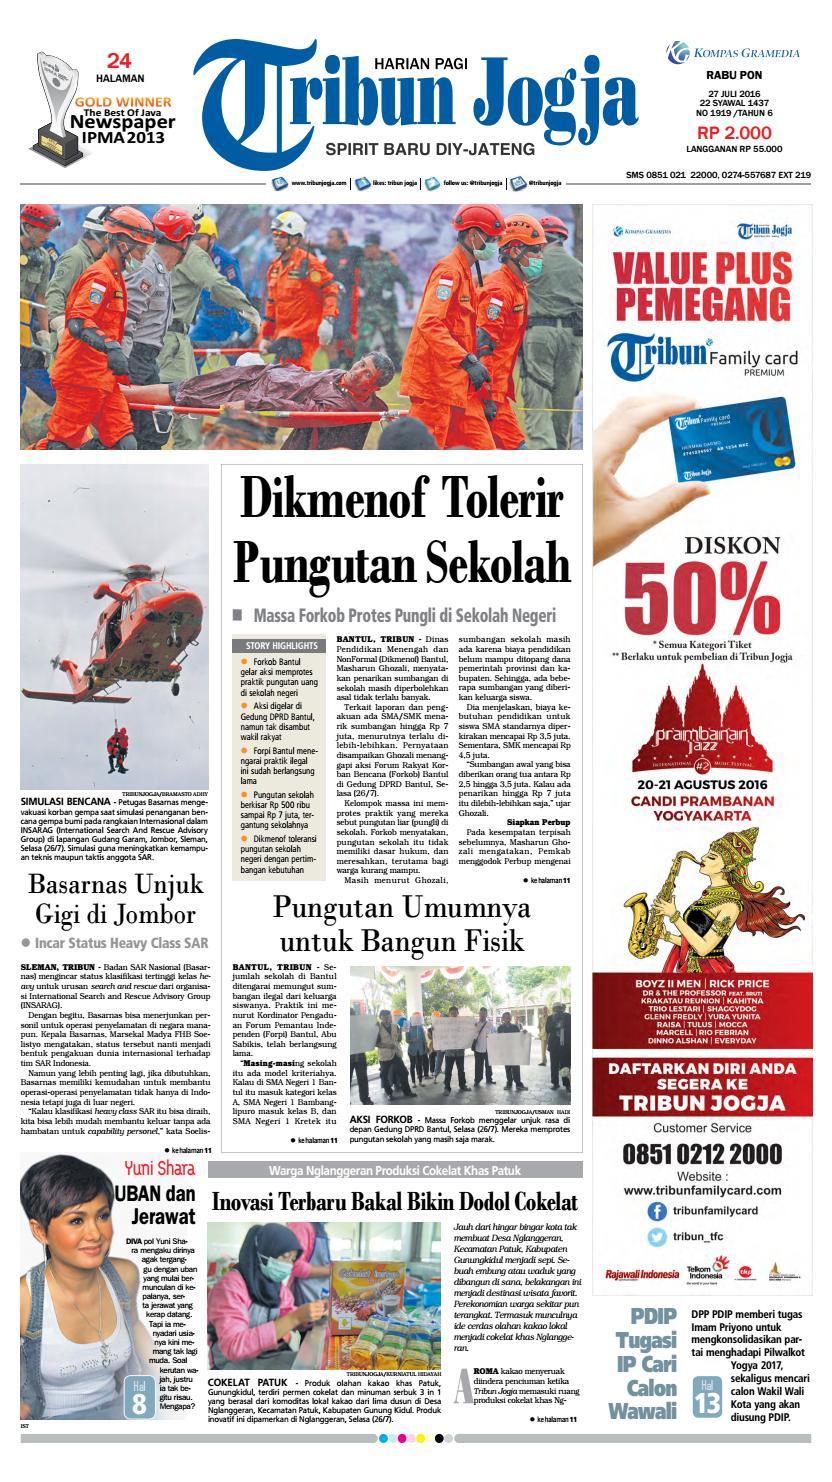 Tribunjogja 27 07 2016 By Tribun Jogja Issuu Produk Ukm Bumn Pusaka Coffee 15 Pcs Kopi Herbal Nusantara Free Ongkir Depok Ampamp Jakarta